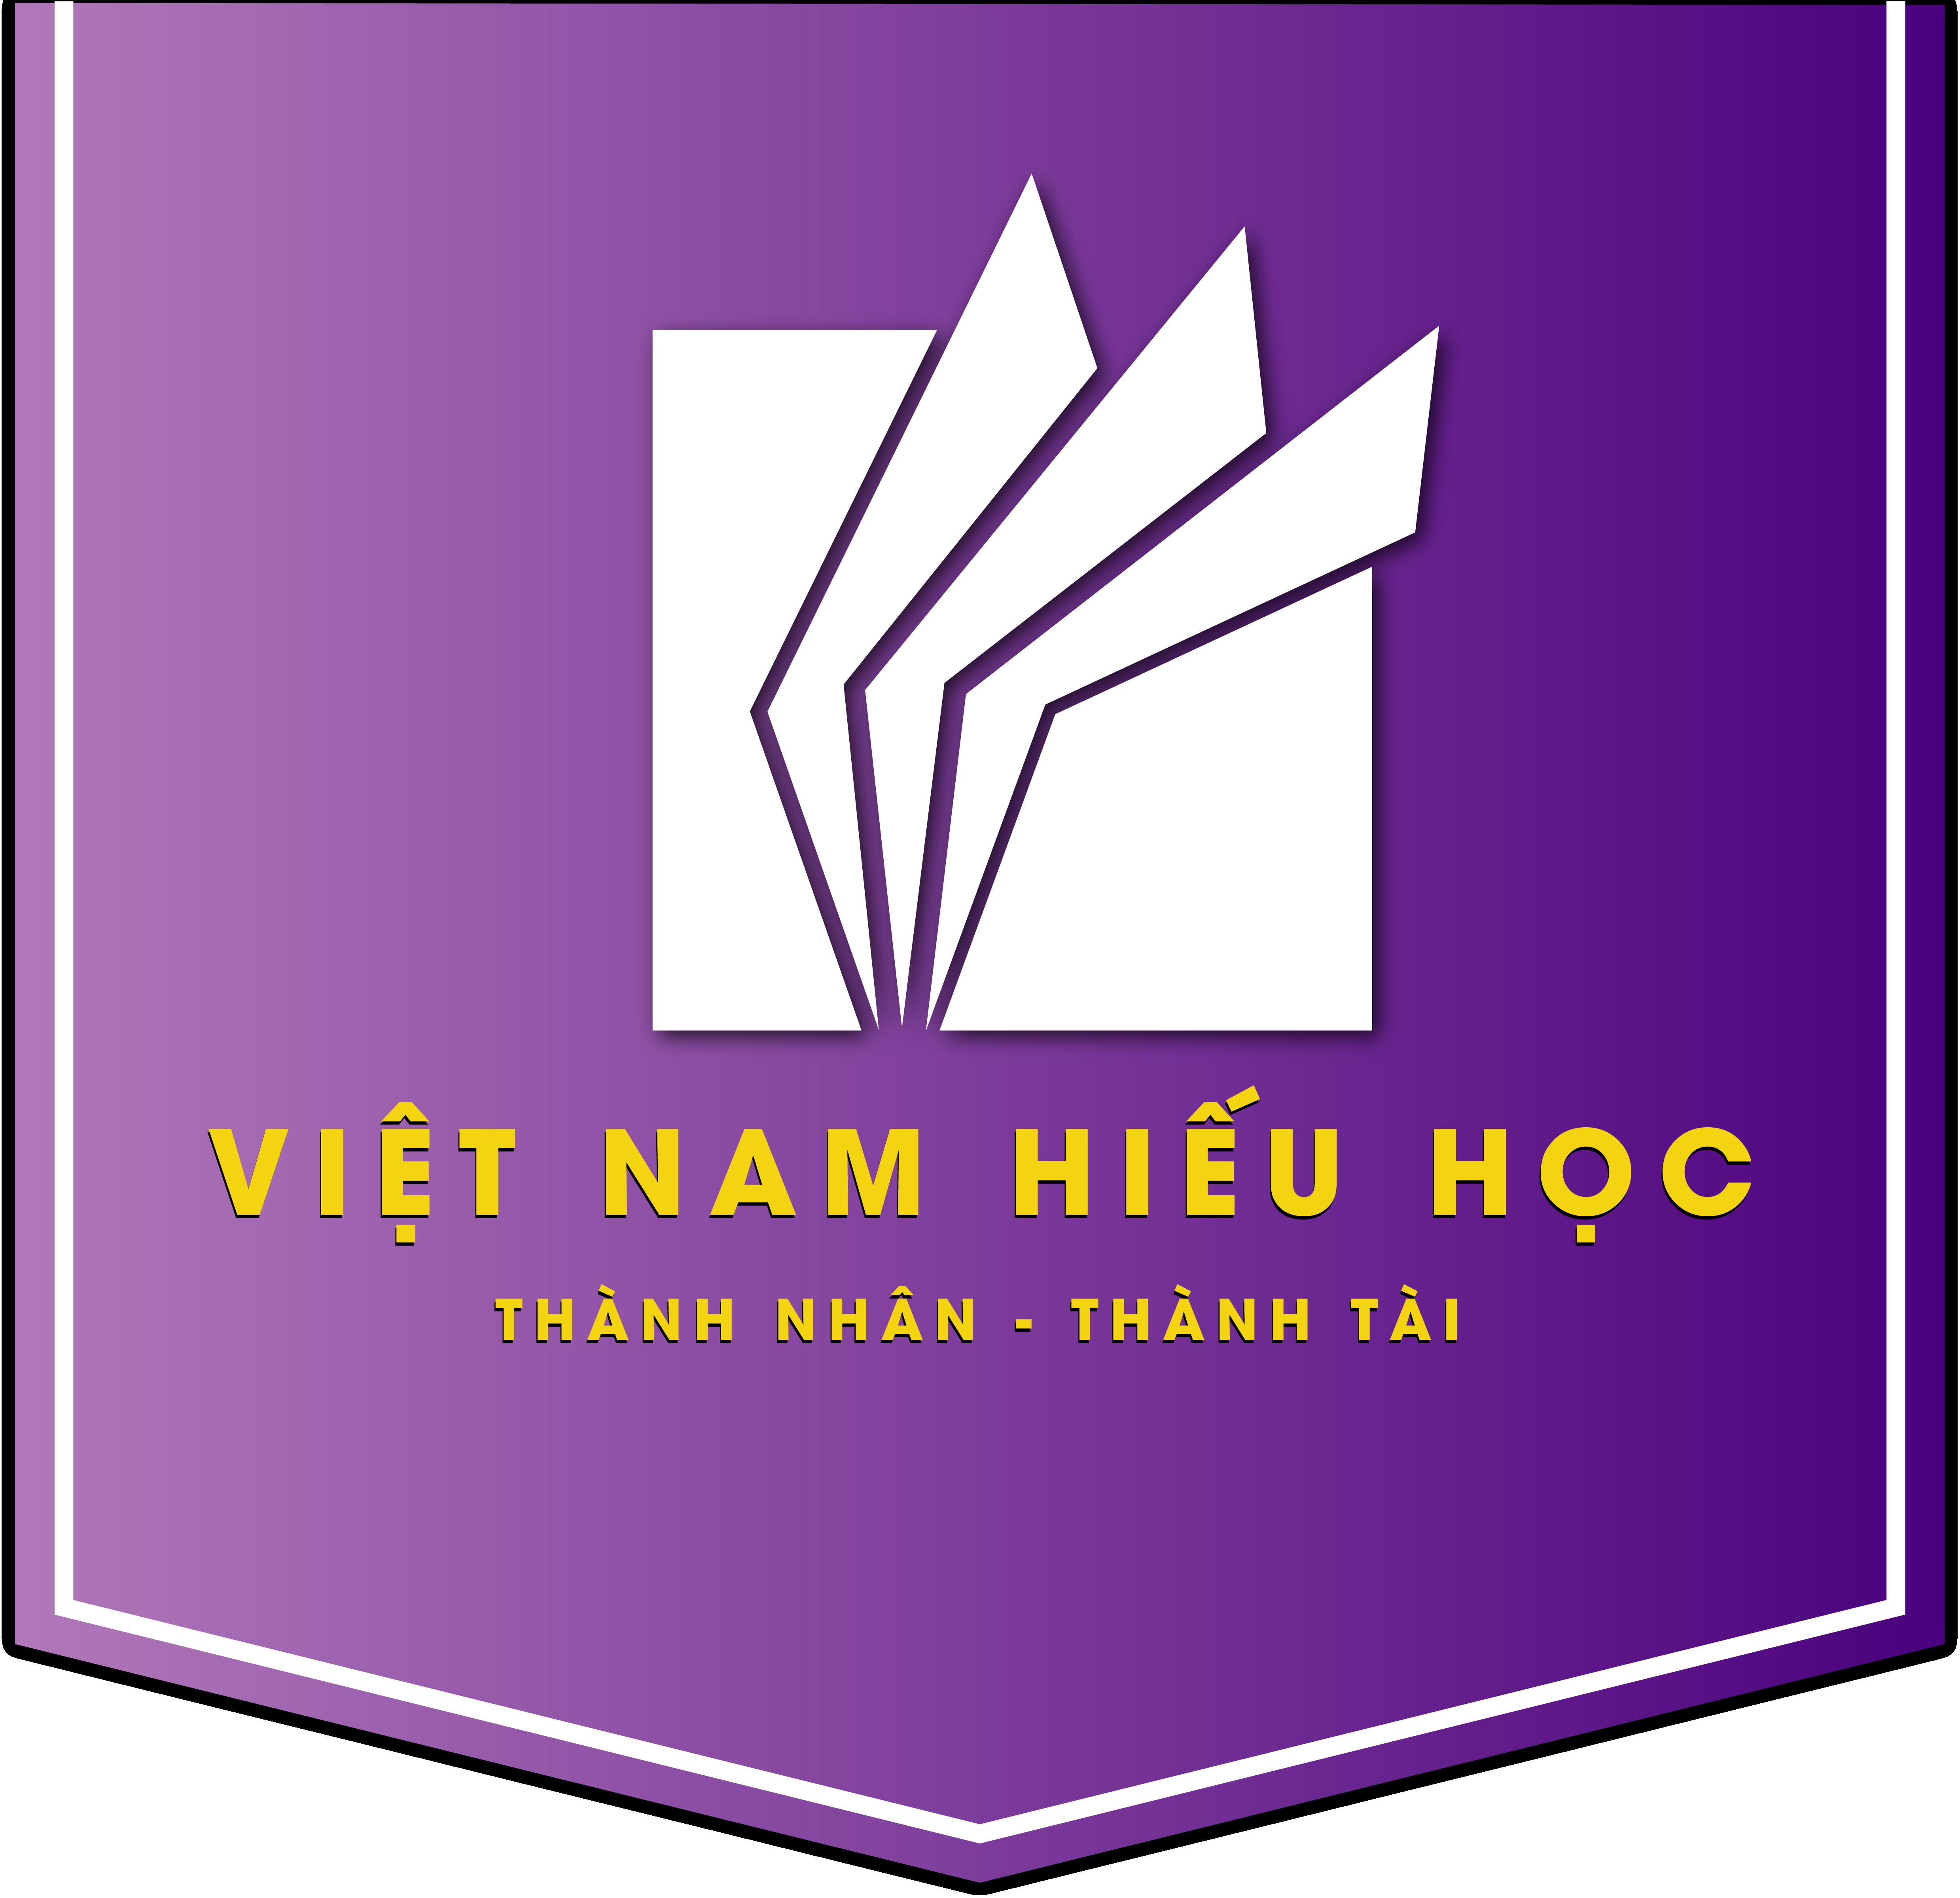 Tập Đoàn Giáo Dục Việt Nam Hiếu Học